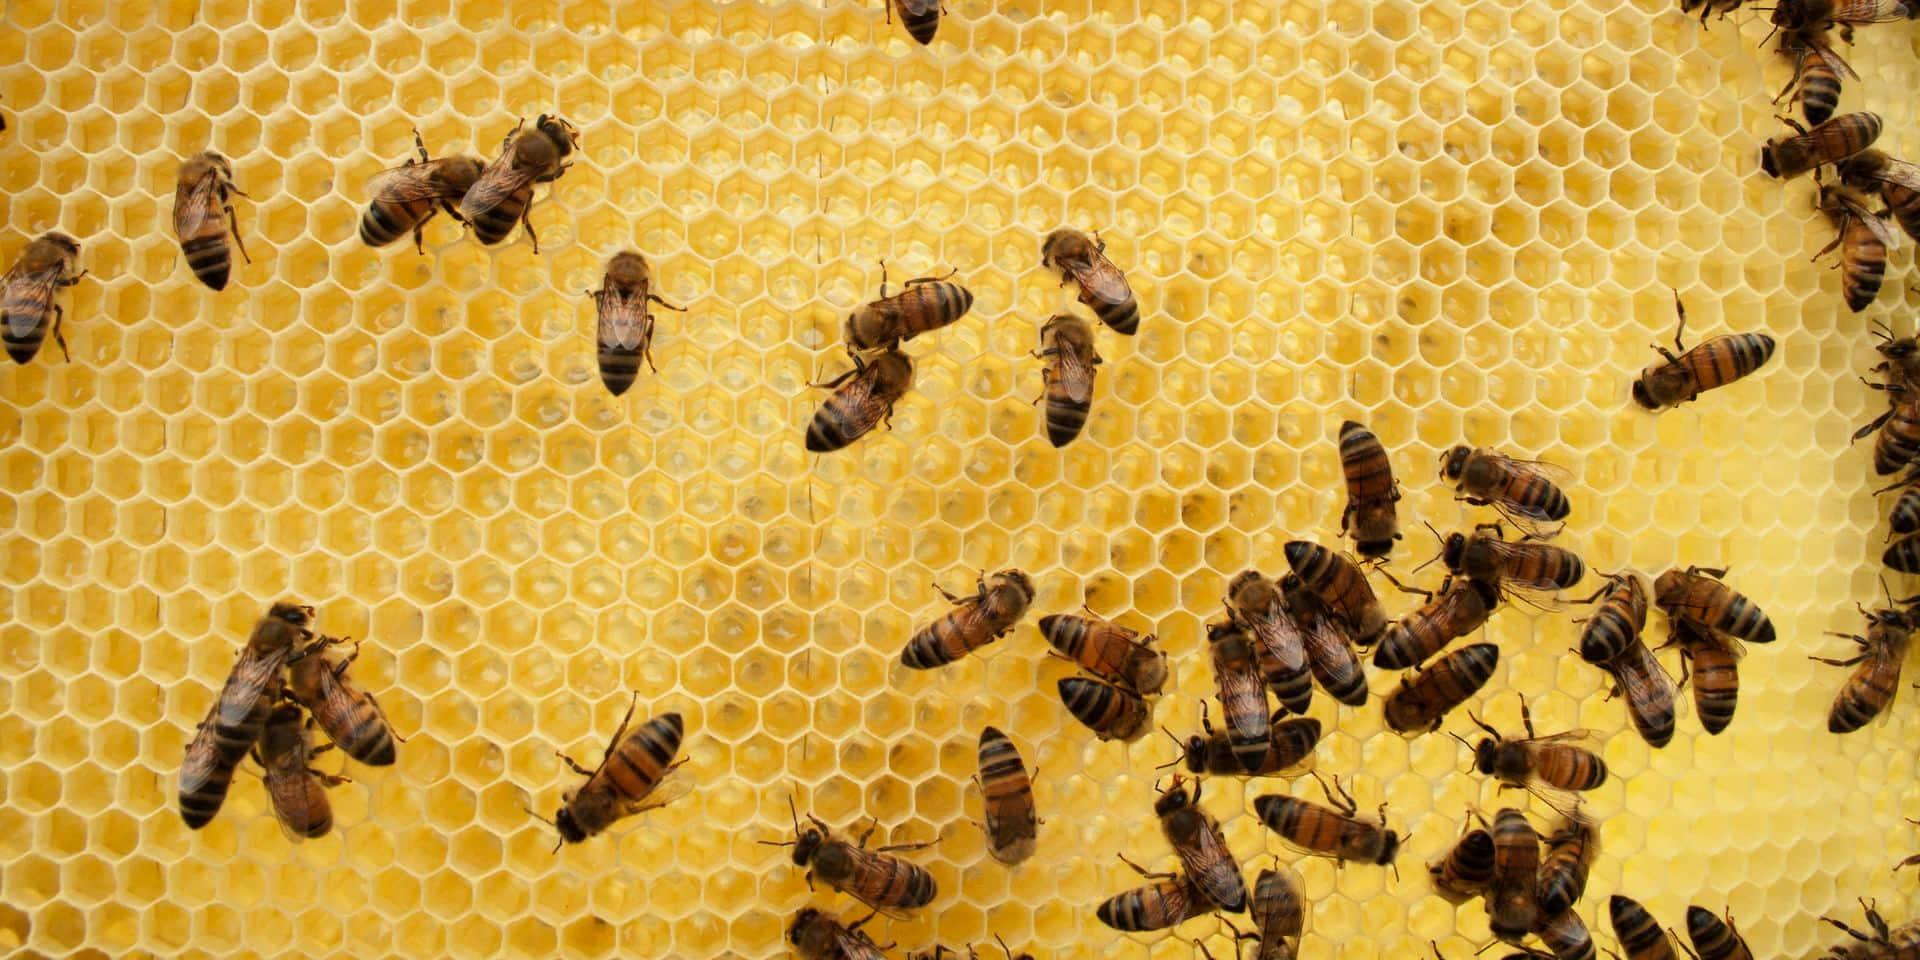 Les Etats-Unis lèvent une interdiction d'utilisation de pesticides tueurs d'abeilles